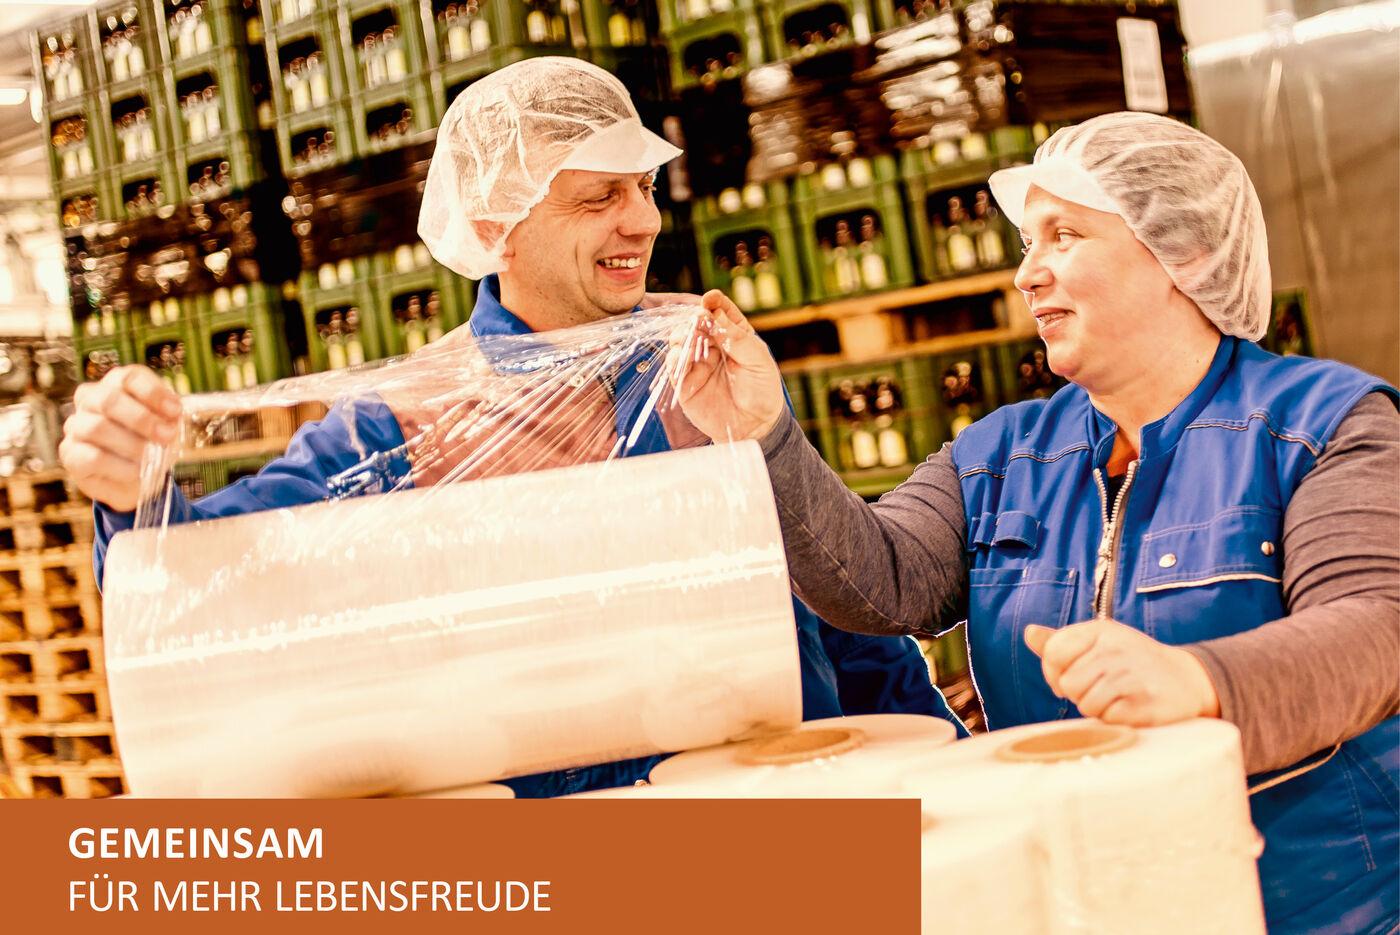 Mitarbeiter Produktion Grüneberg (w/m/d) - Job Löwenberger Land - Karriere bei Berentzen - Application form